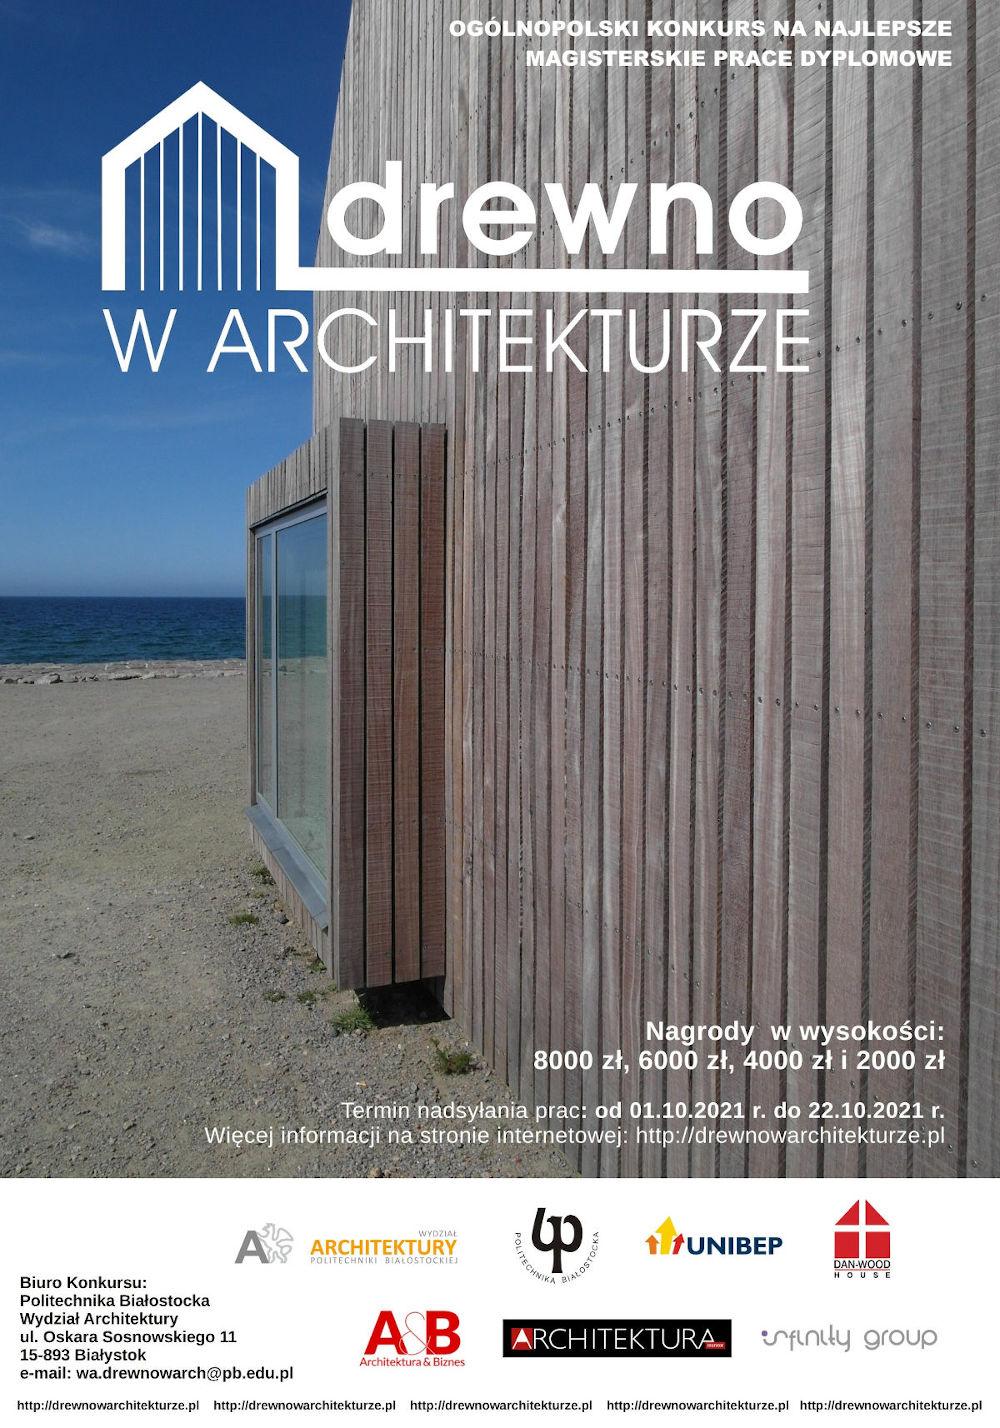 Plakat konkursu drewno w architekturze. W tle drewniana elewacja budynku nad morzem.